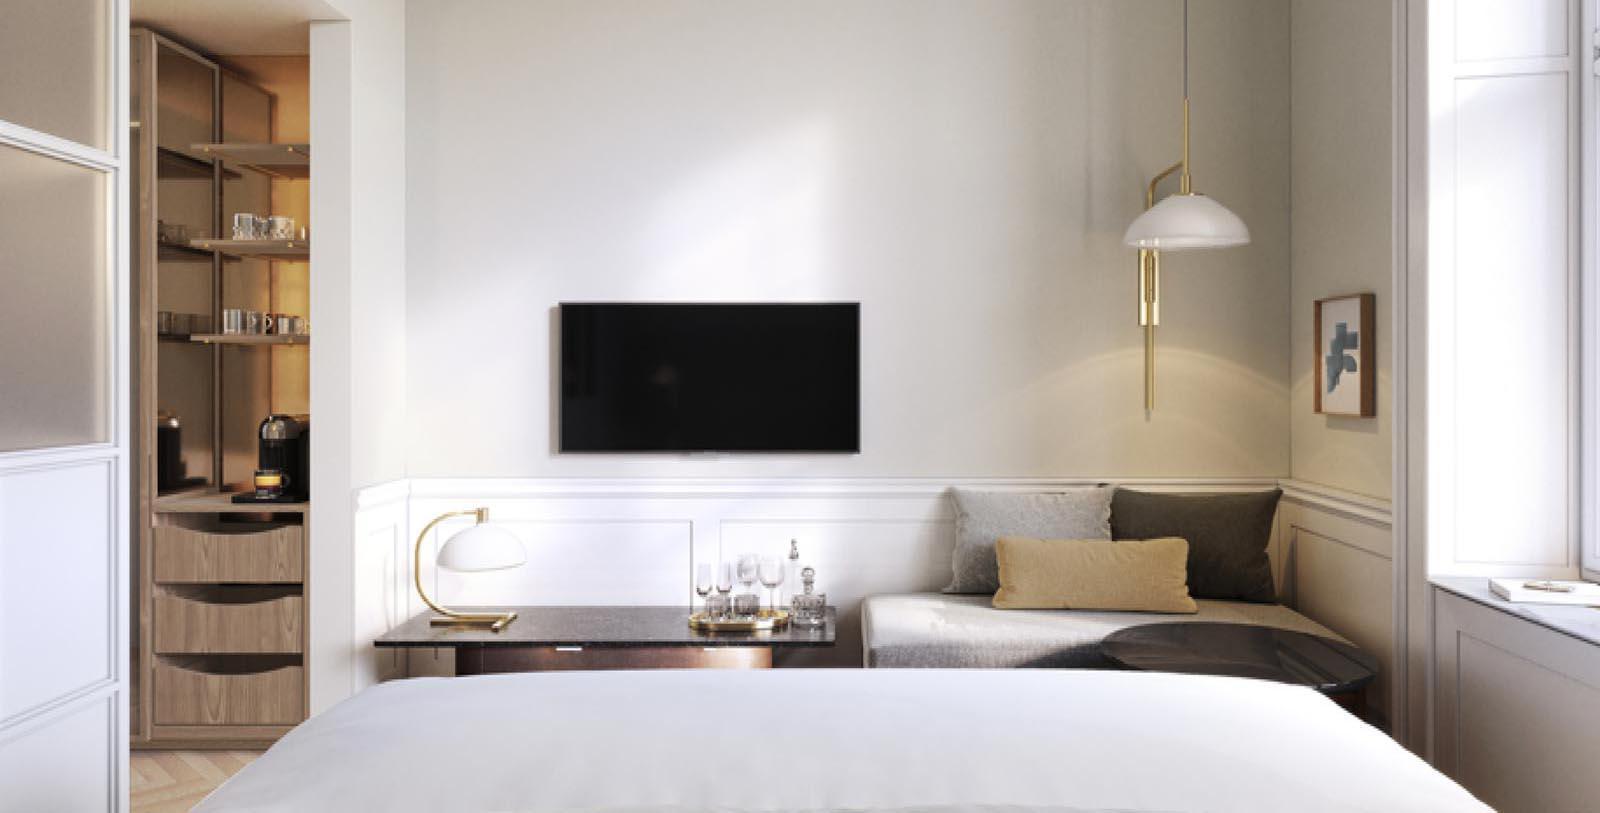 Image of Guestroom at Villa Copenhagen, 1912, Member of Historic Hotels Worldwide, in Copenhagen, Denmark, Explore